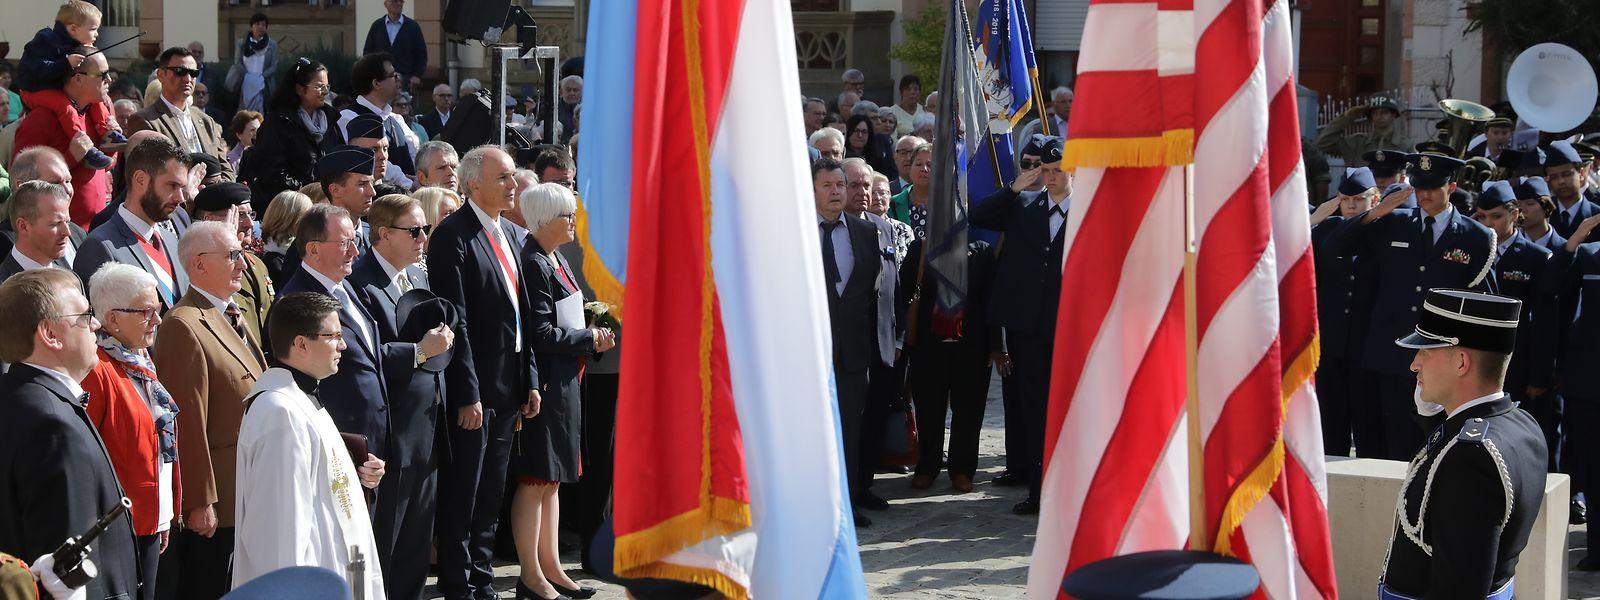 Mit Gedenkzeremonien, Ausstellungen und der Darbietung historischer Militärszenen und -fahrzeuge dankte die Stadt Ettelbrück am Sonntag ihren Befreiern vom Nazi-Joch vor 75 Jahren.